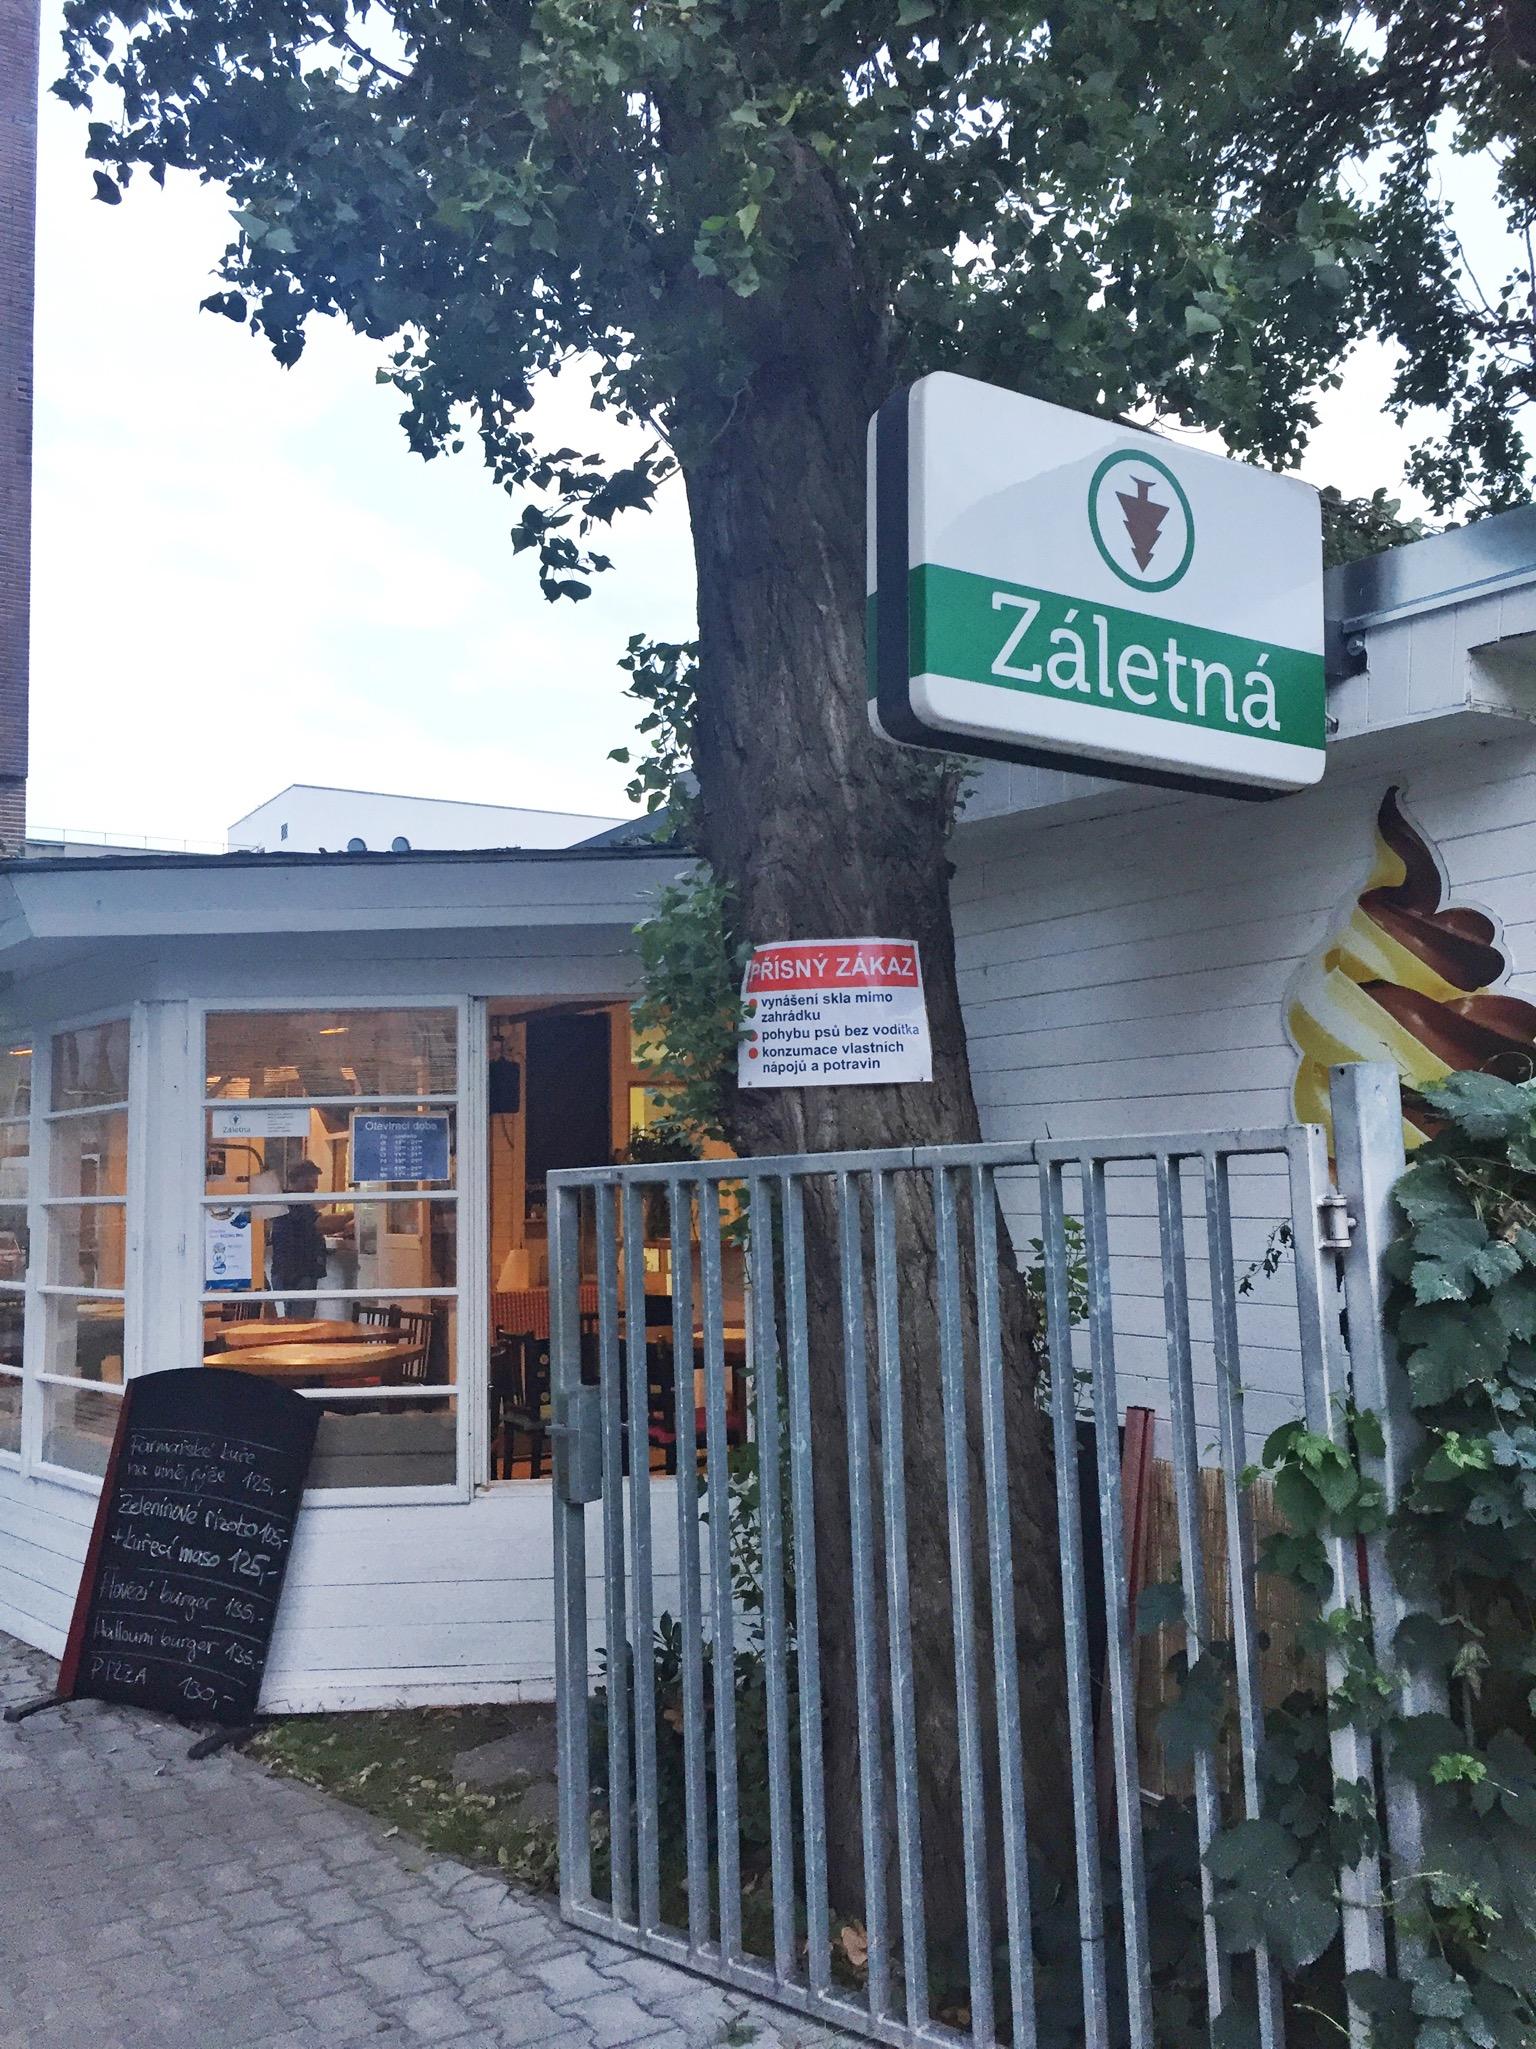 Zaletna - August Discovery - Urban Kristy